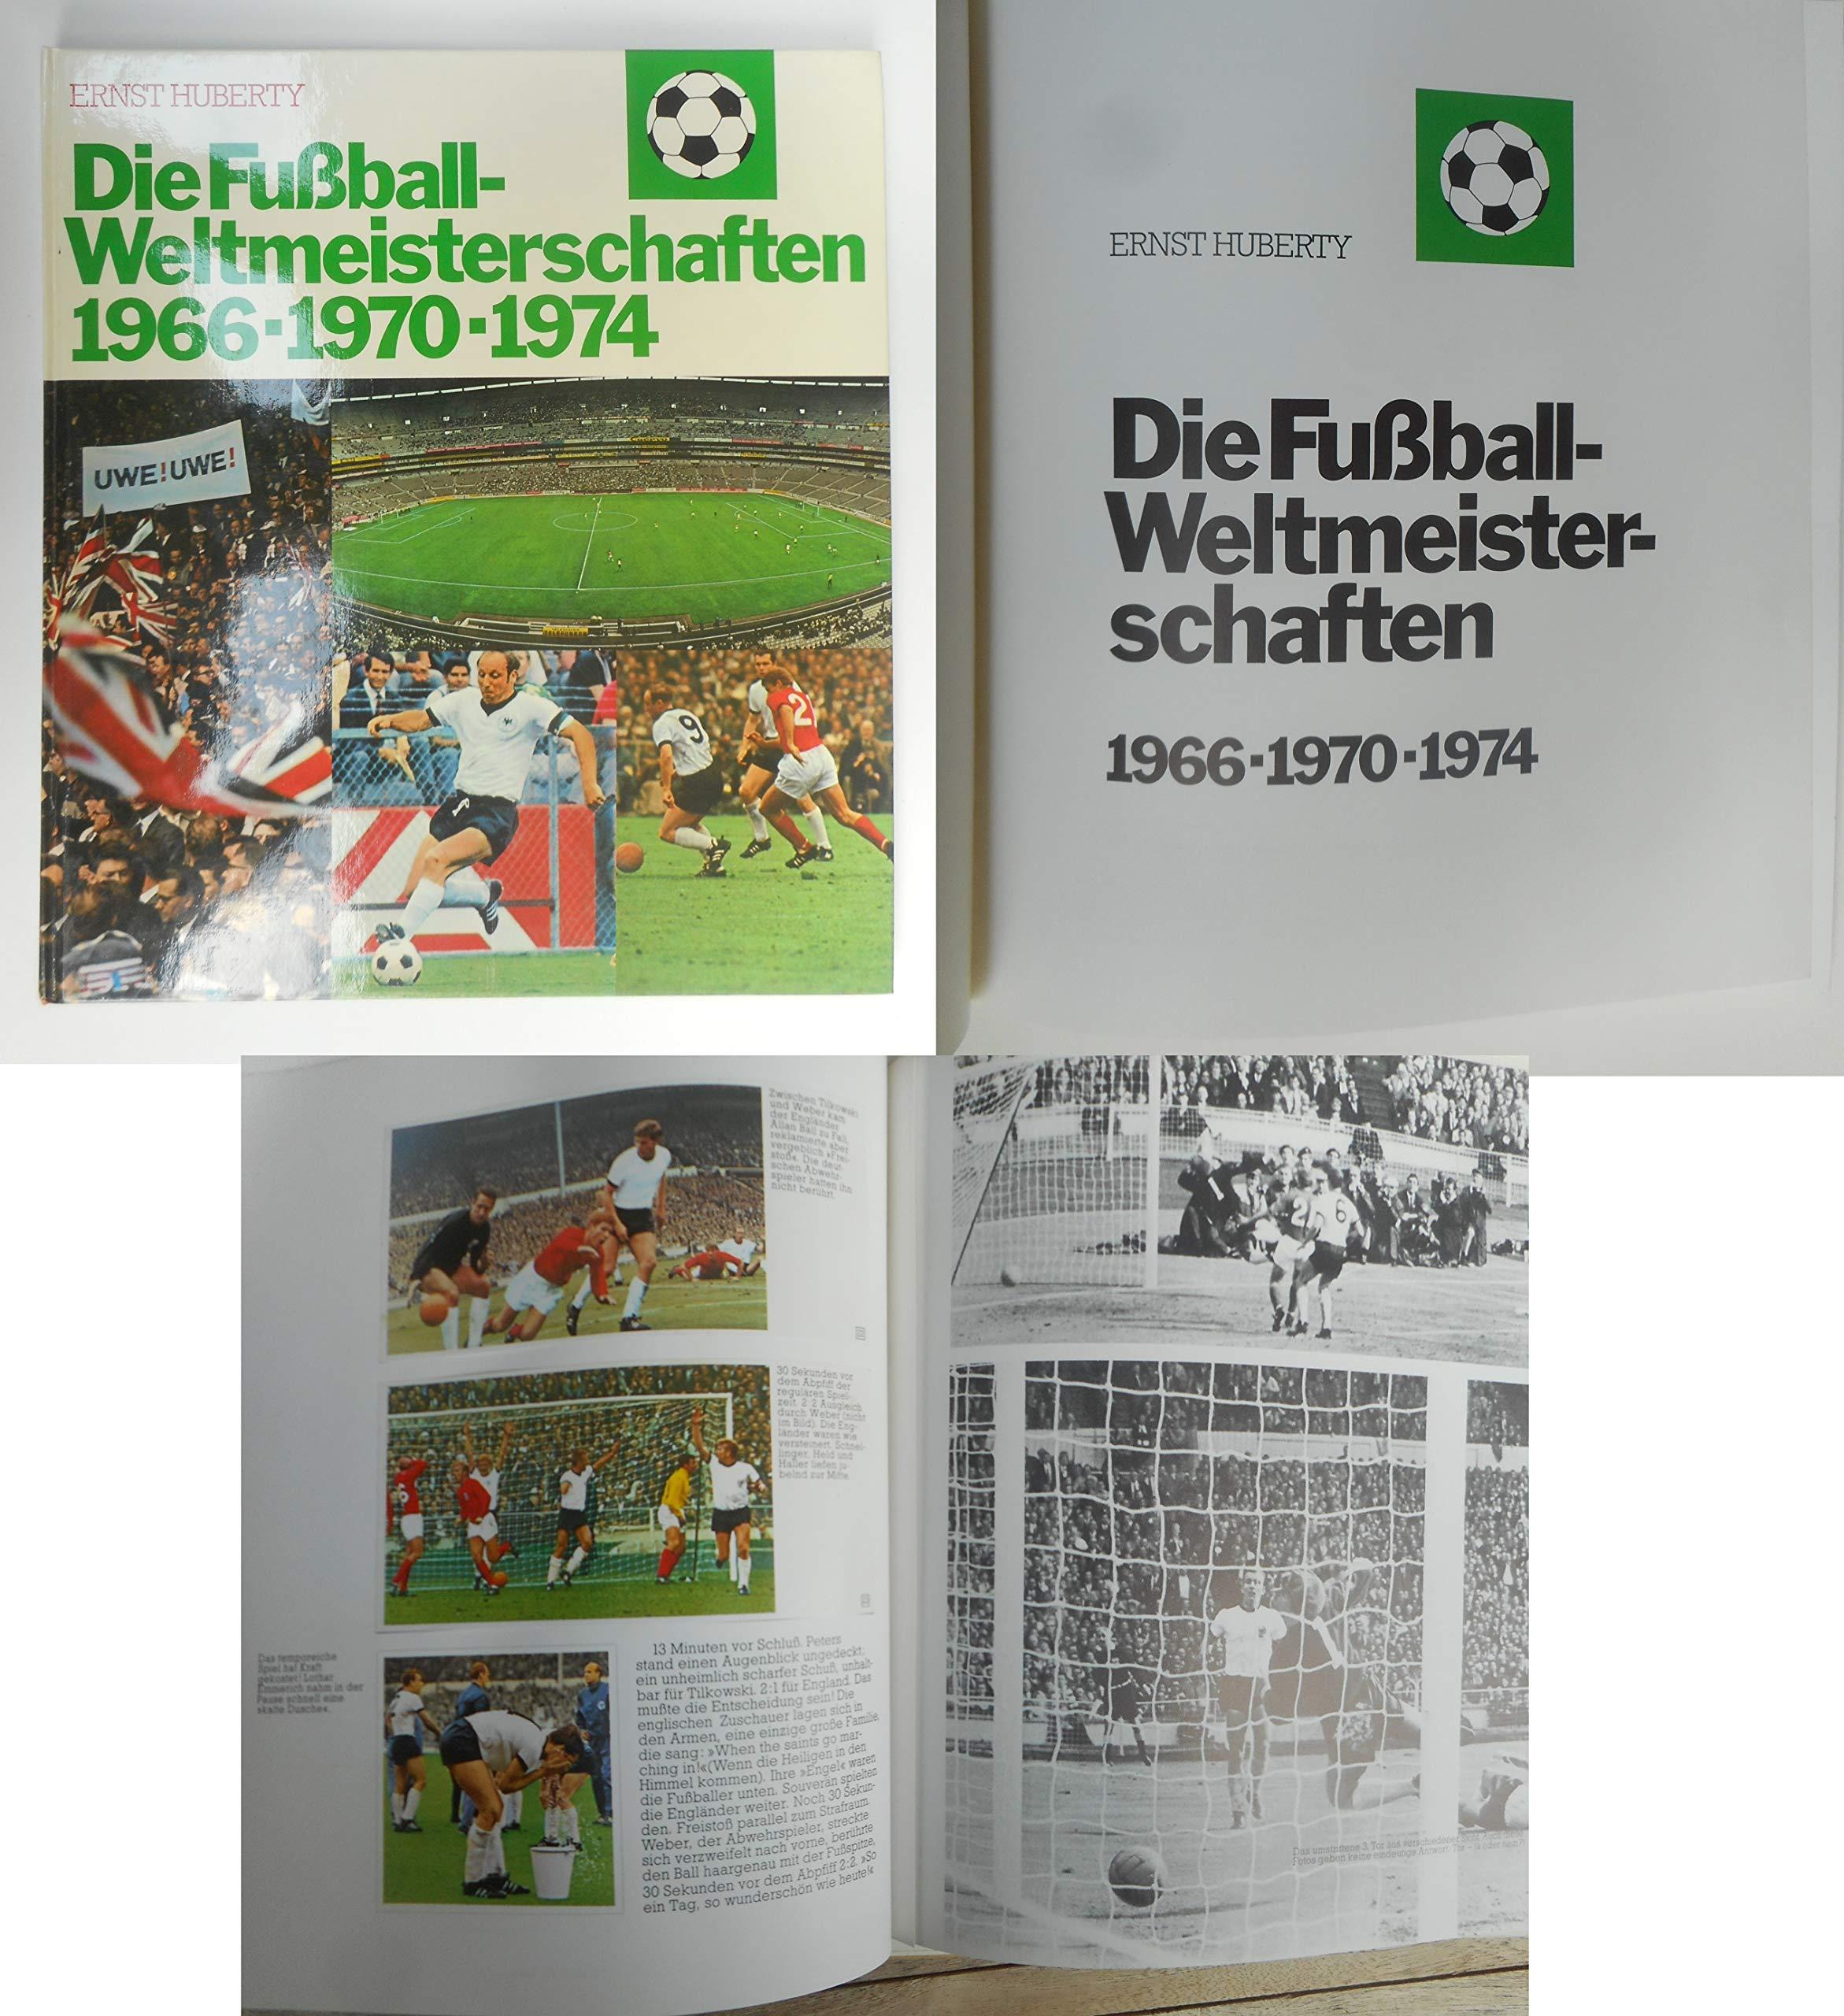 Die Fußball-Weltmeisterschaften 1966, 1970, 1974. - Komplettes Klebebilderalbum